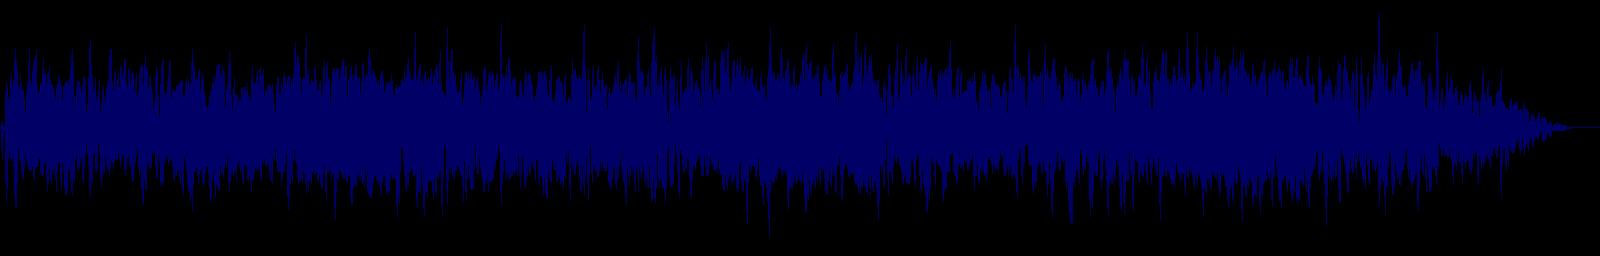 waveform of track #147392